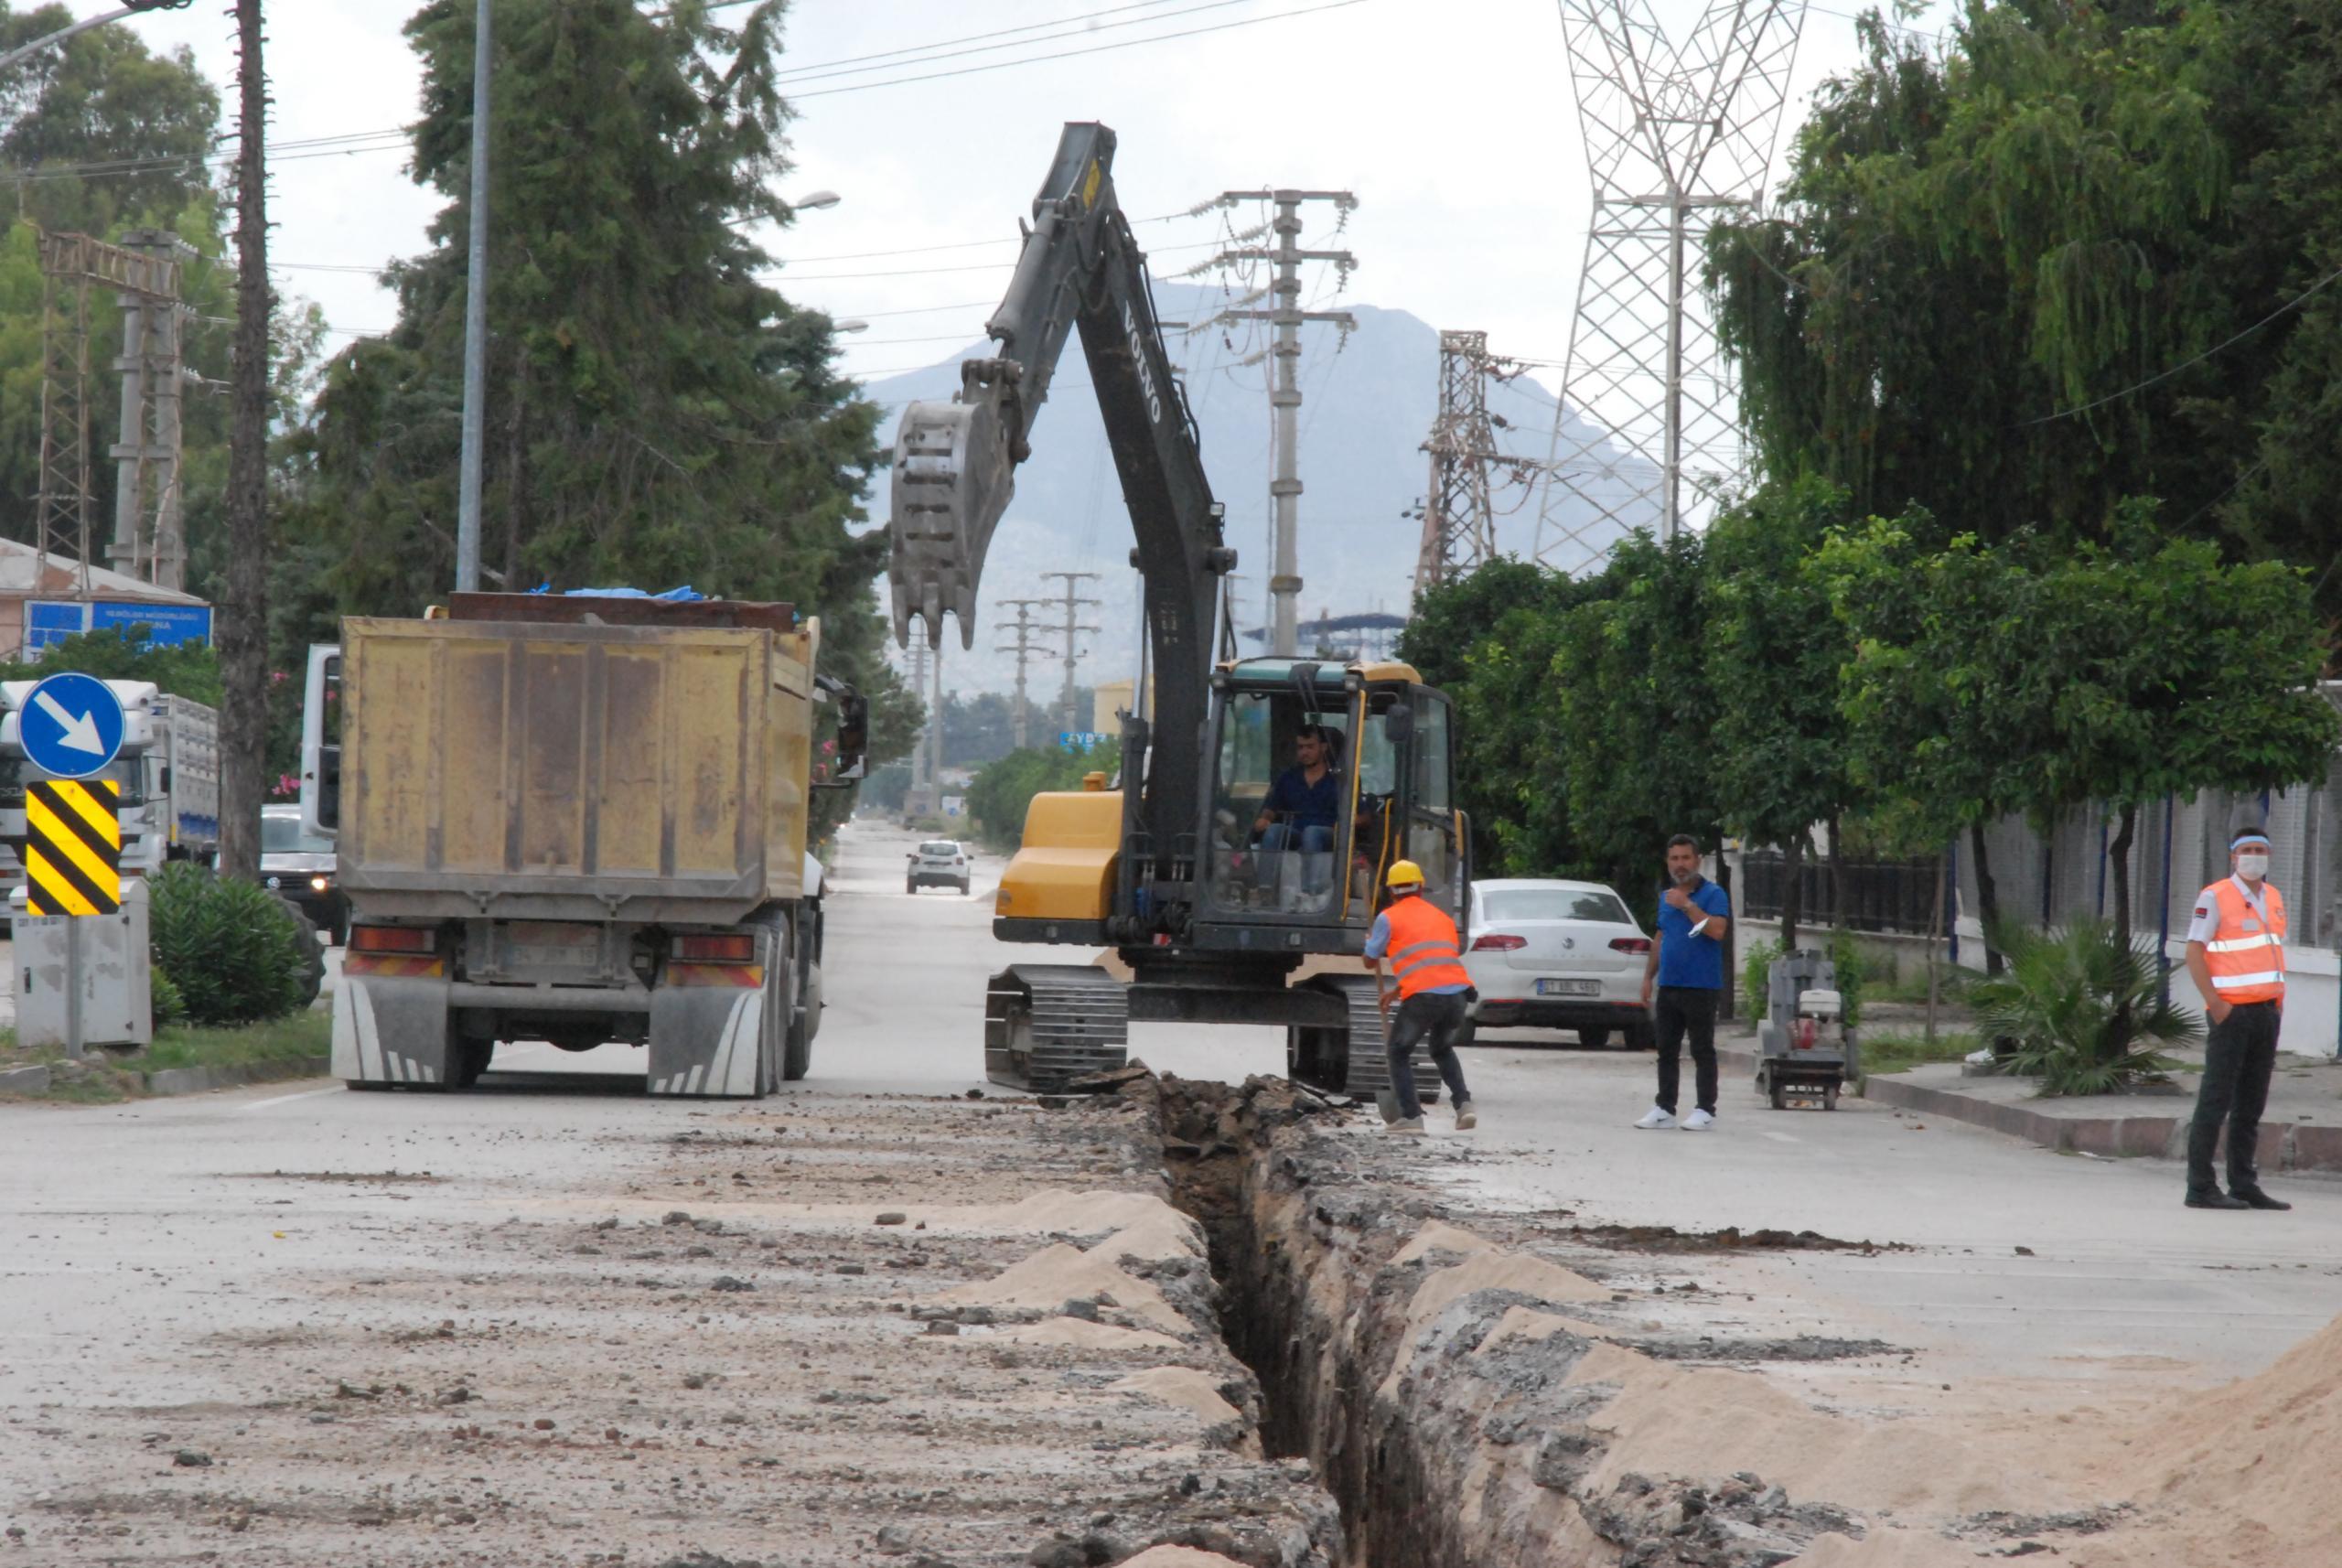 Büyükşehir, Ceyhan'ın içme suyu şebekesini yeniliyor